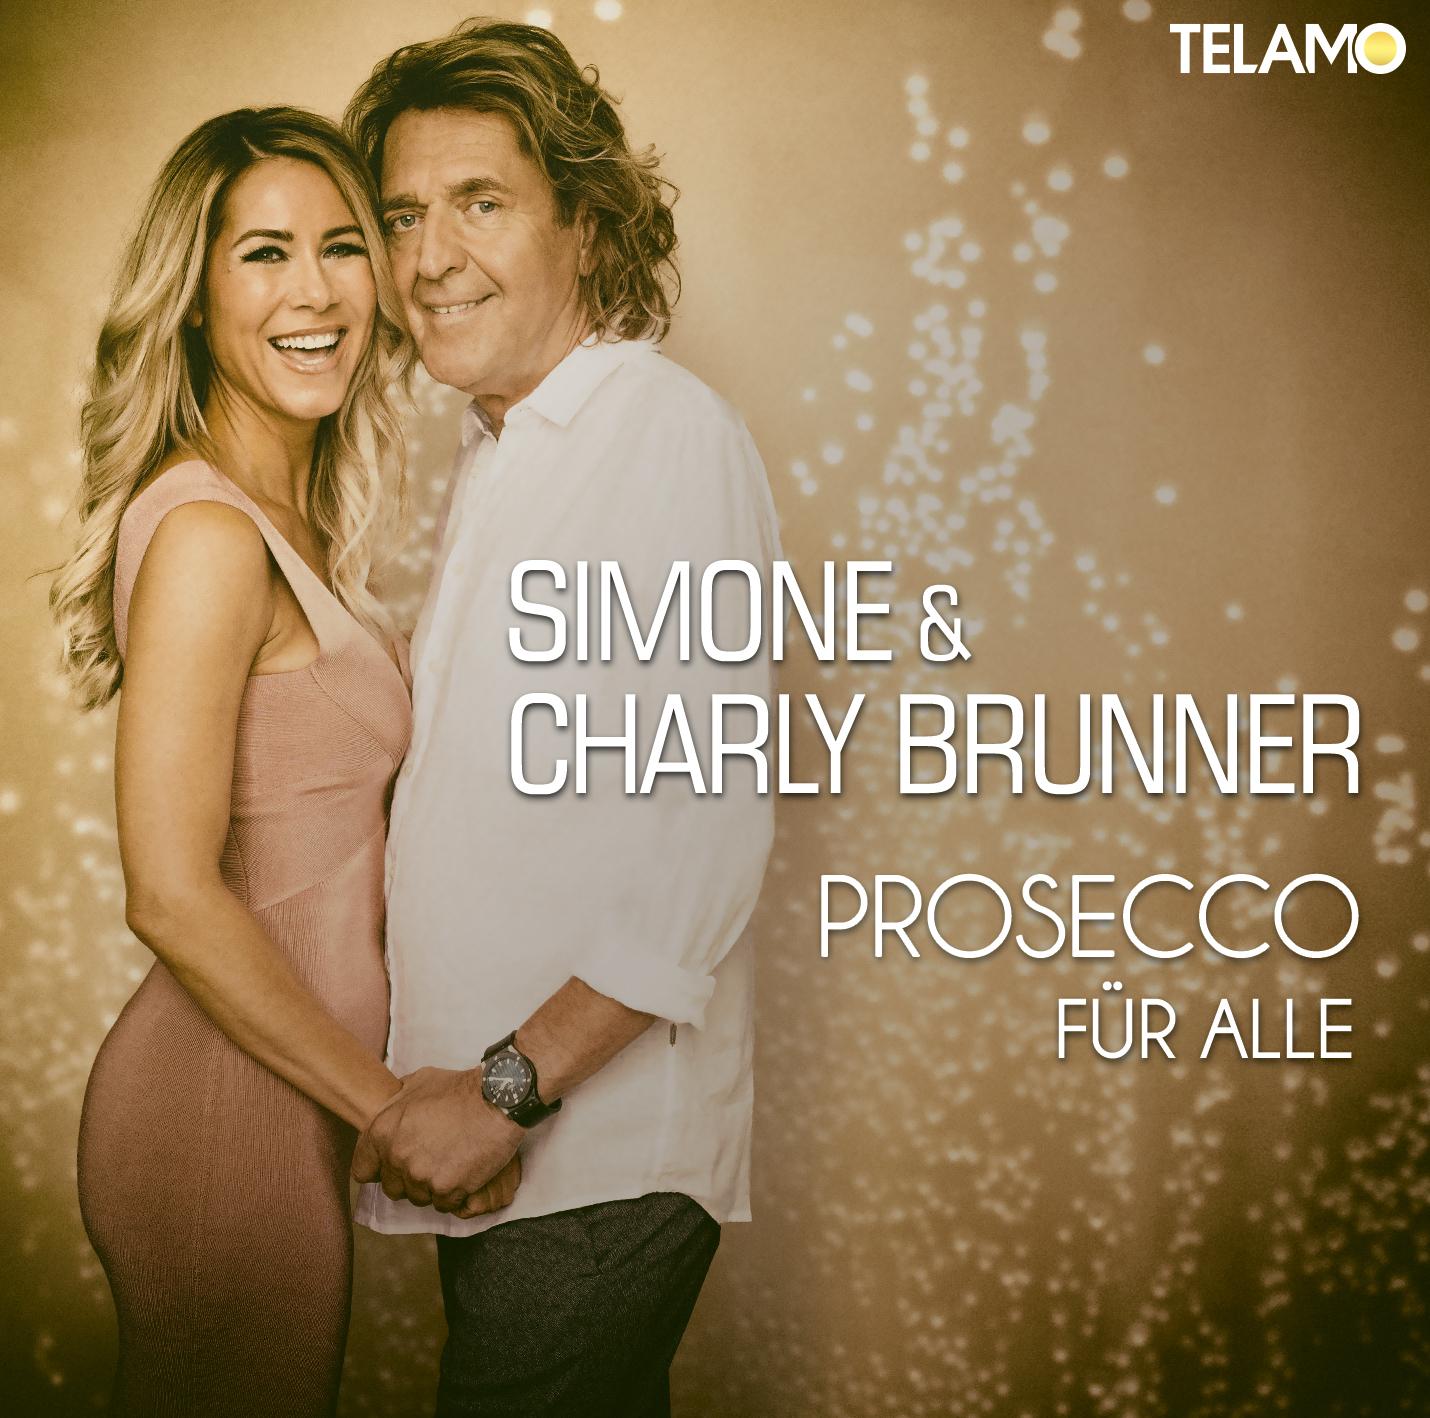 Simone U Charly Brunner